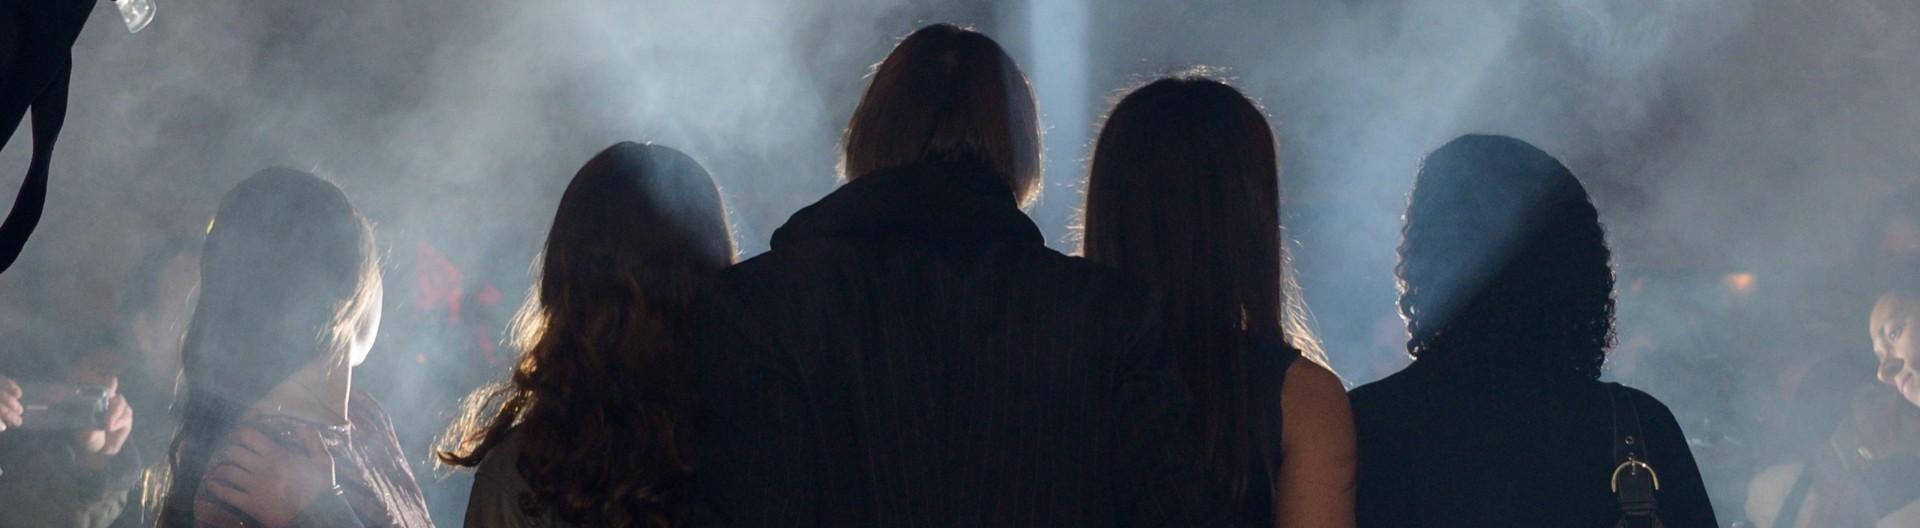 19.11.2019, Yung - Premiere - roter Teppich Blitzlichtgewitter - Darsteller